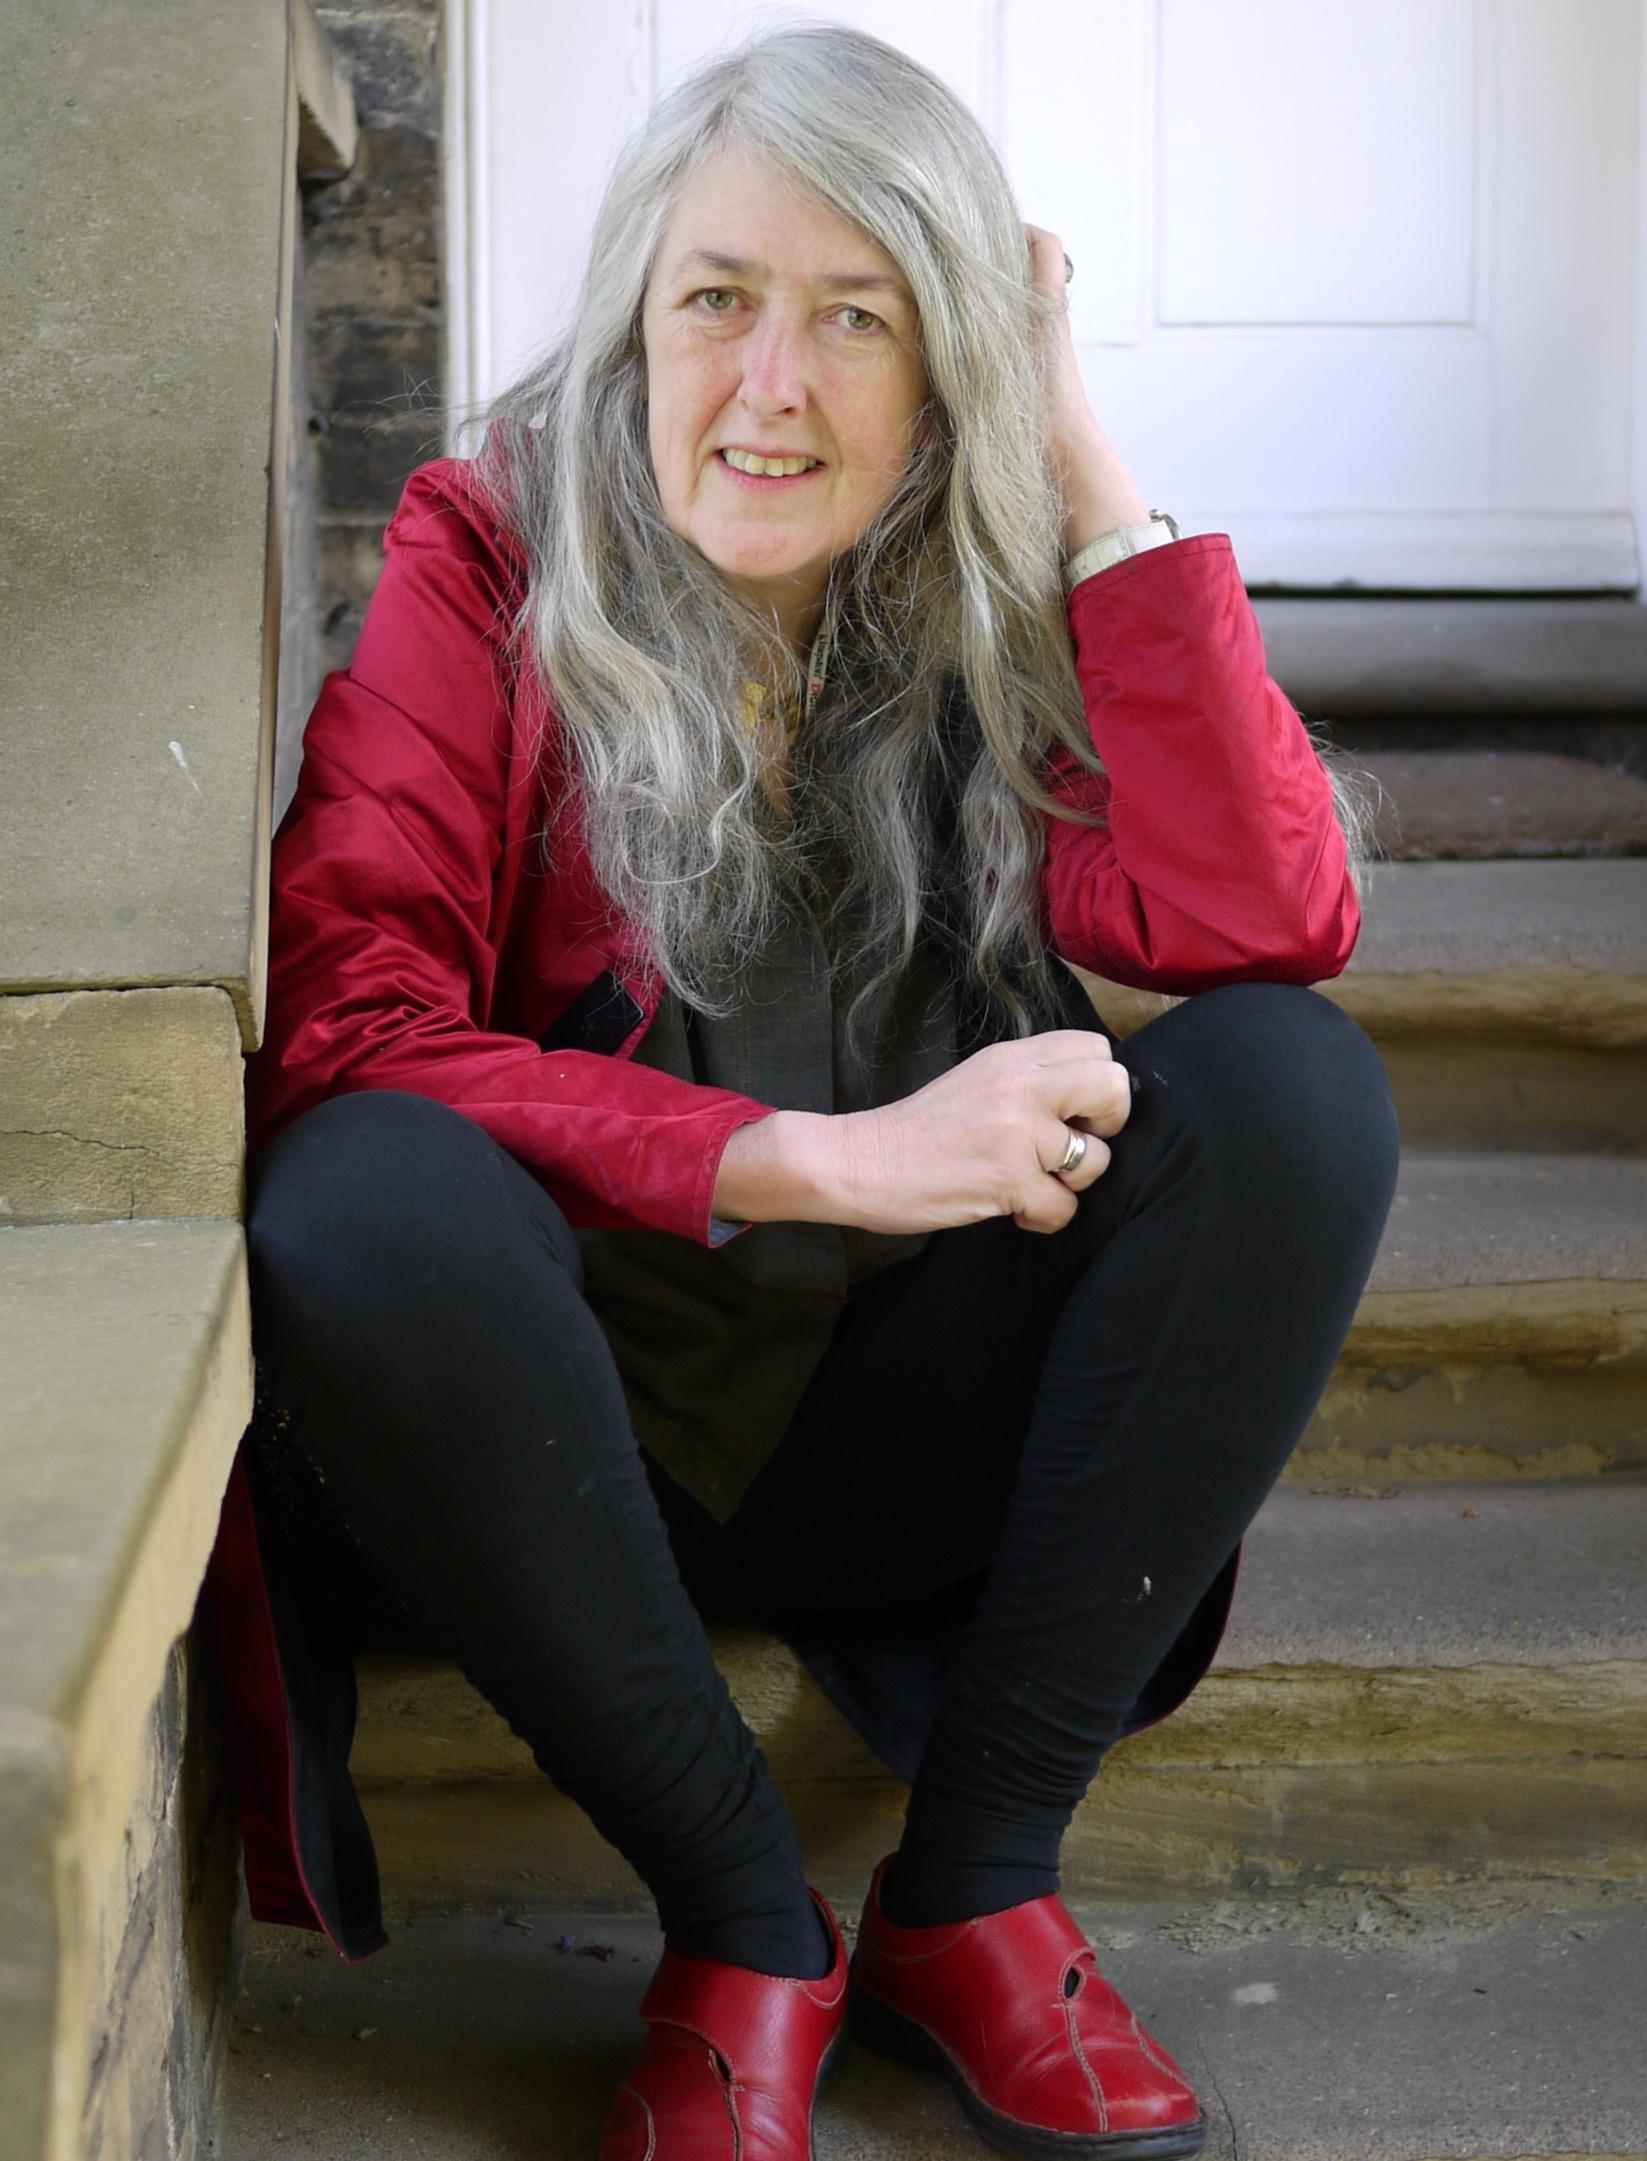 Non riesco a capire perché così tante donne si diano tanto da fare per sembrare più giovani - Dama Winifred Mary Beard, accademica, scrittrice e professoressa di studi classici all'Università di Cambridge